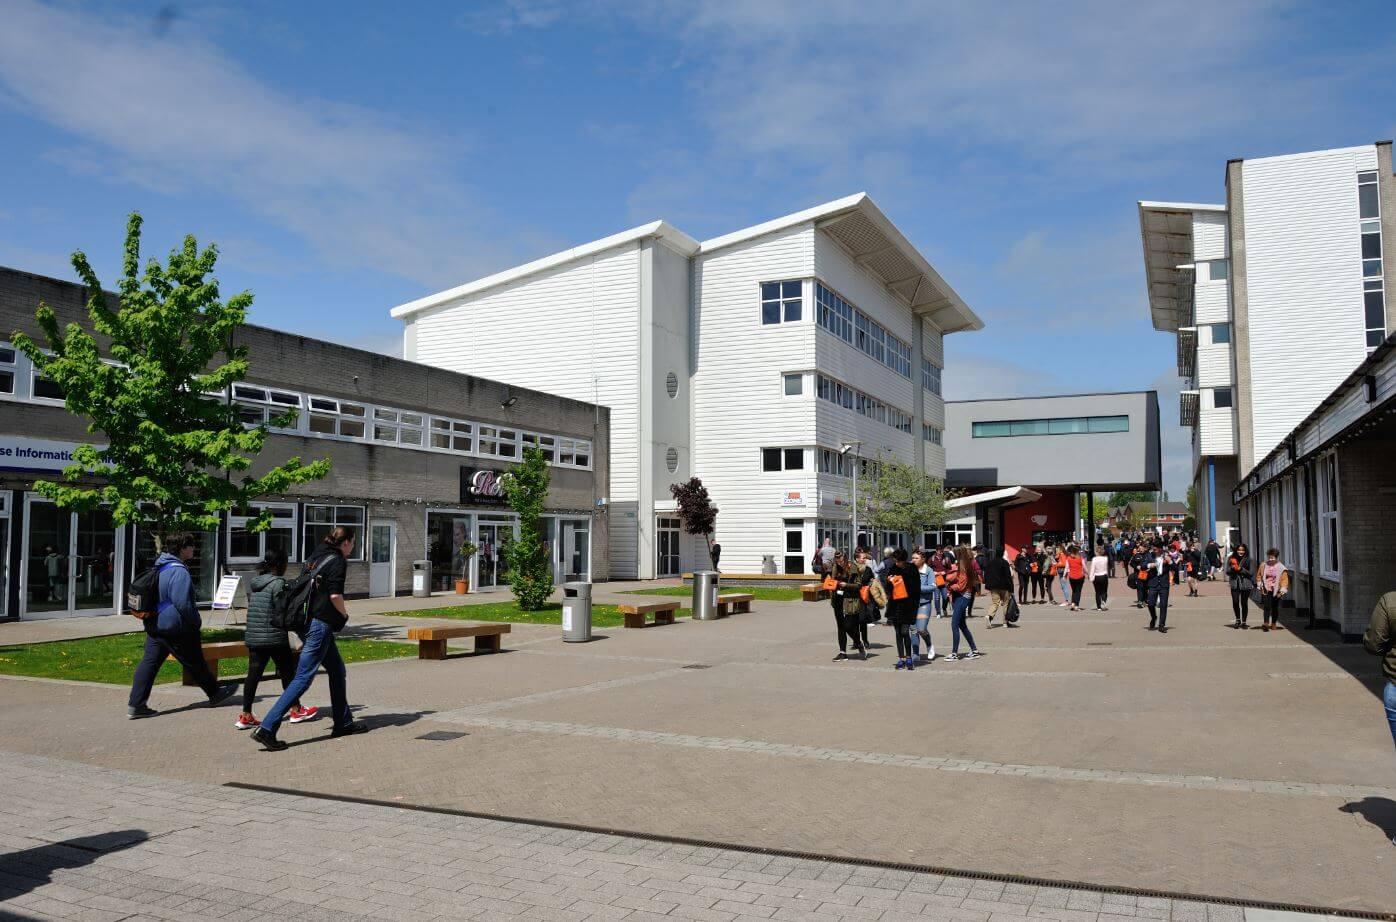 Outside view of Preston's college